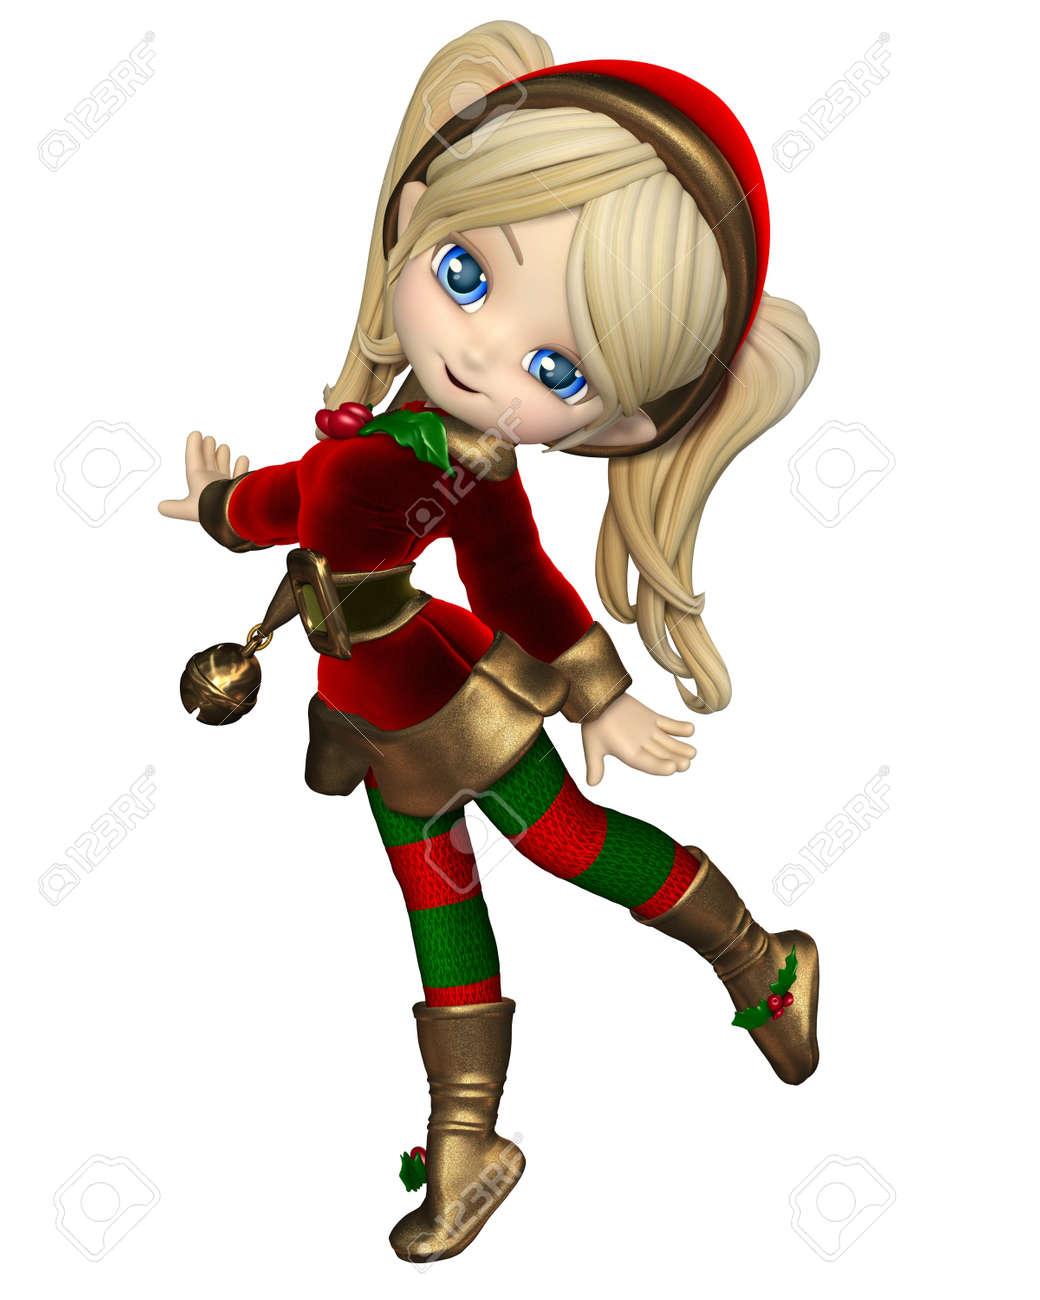 Toon Mignon Fille Lutin De Noel Dans Un Costume Rouge Et Vert Et